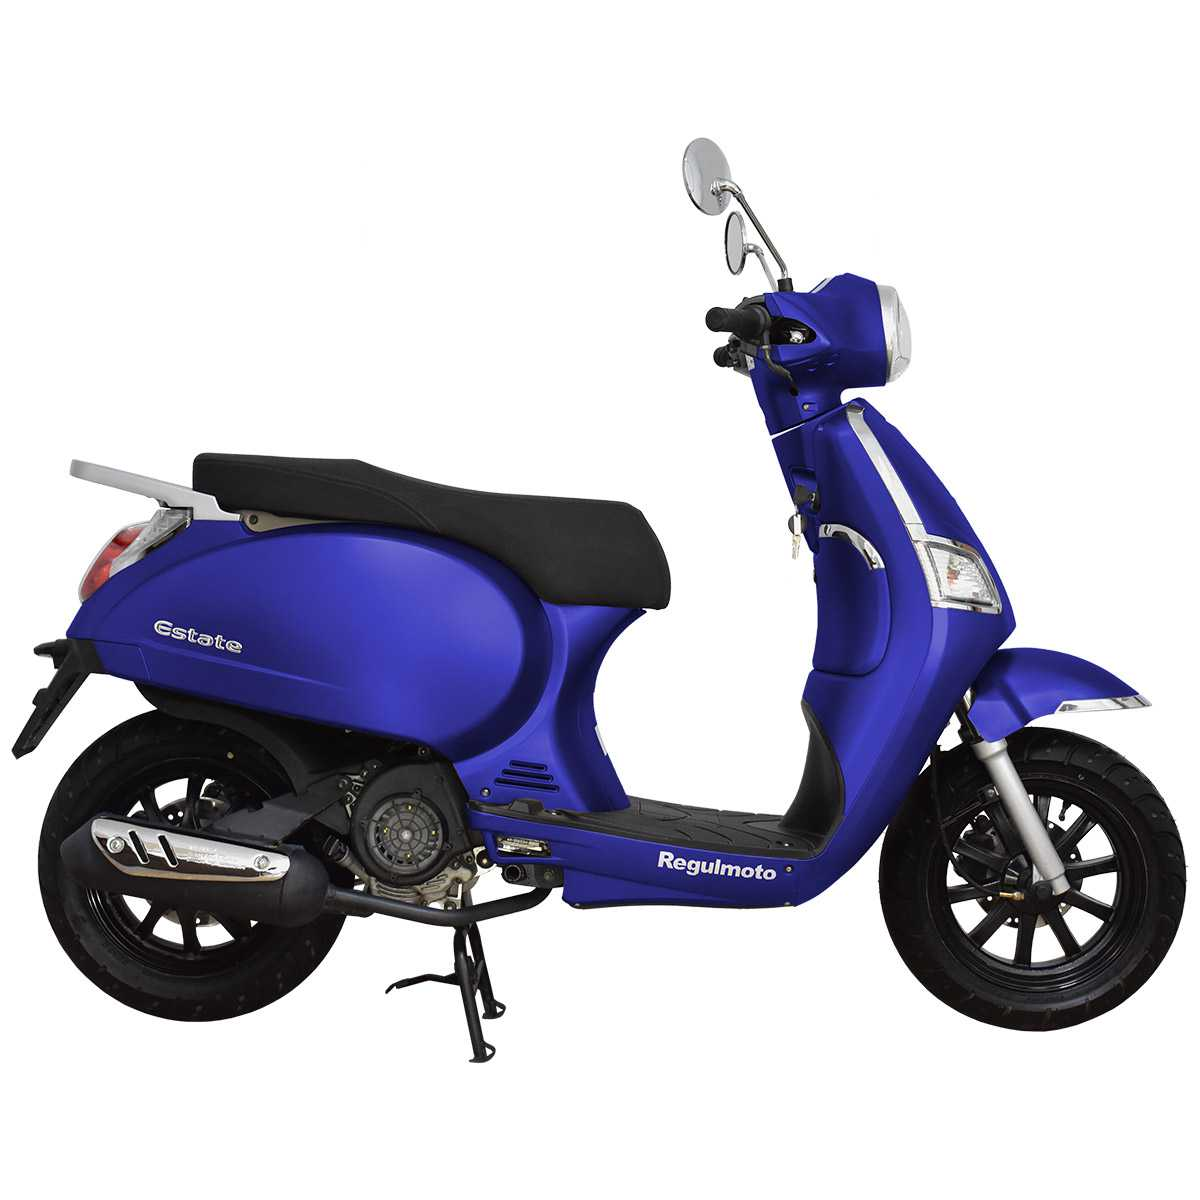 Скутер Regulmoto ESTATE 125 04